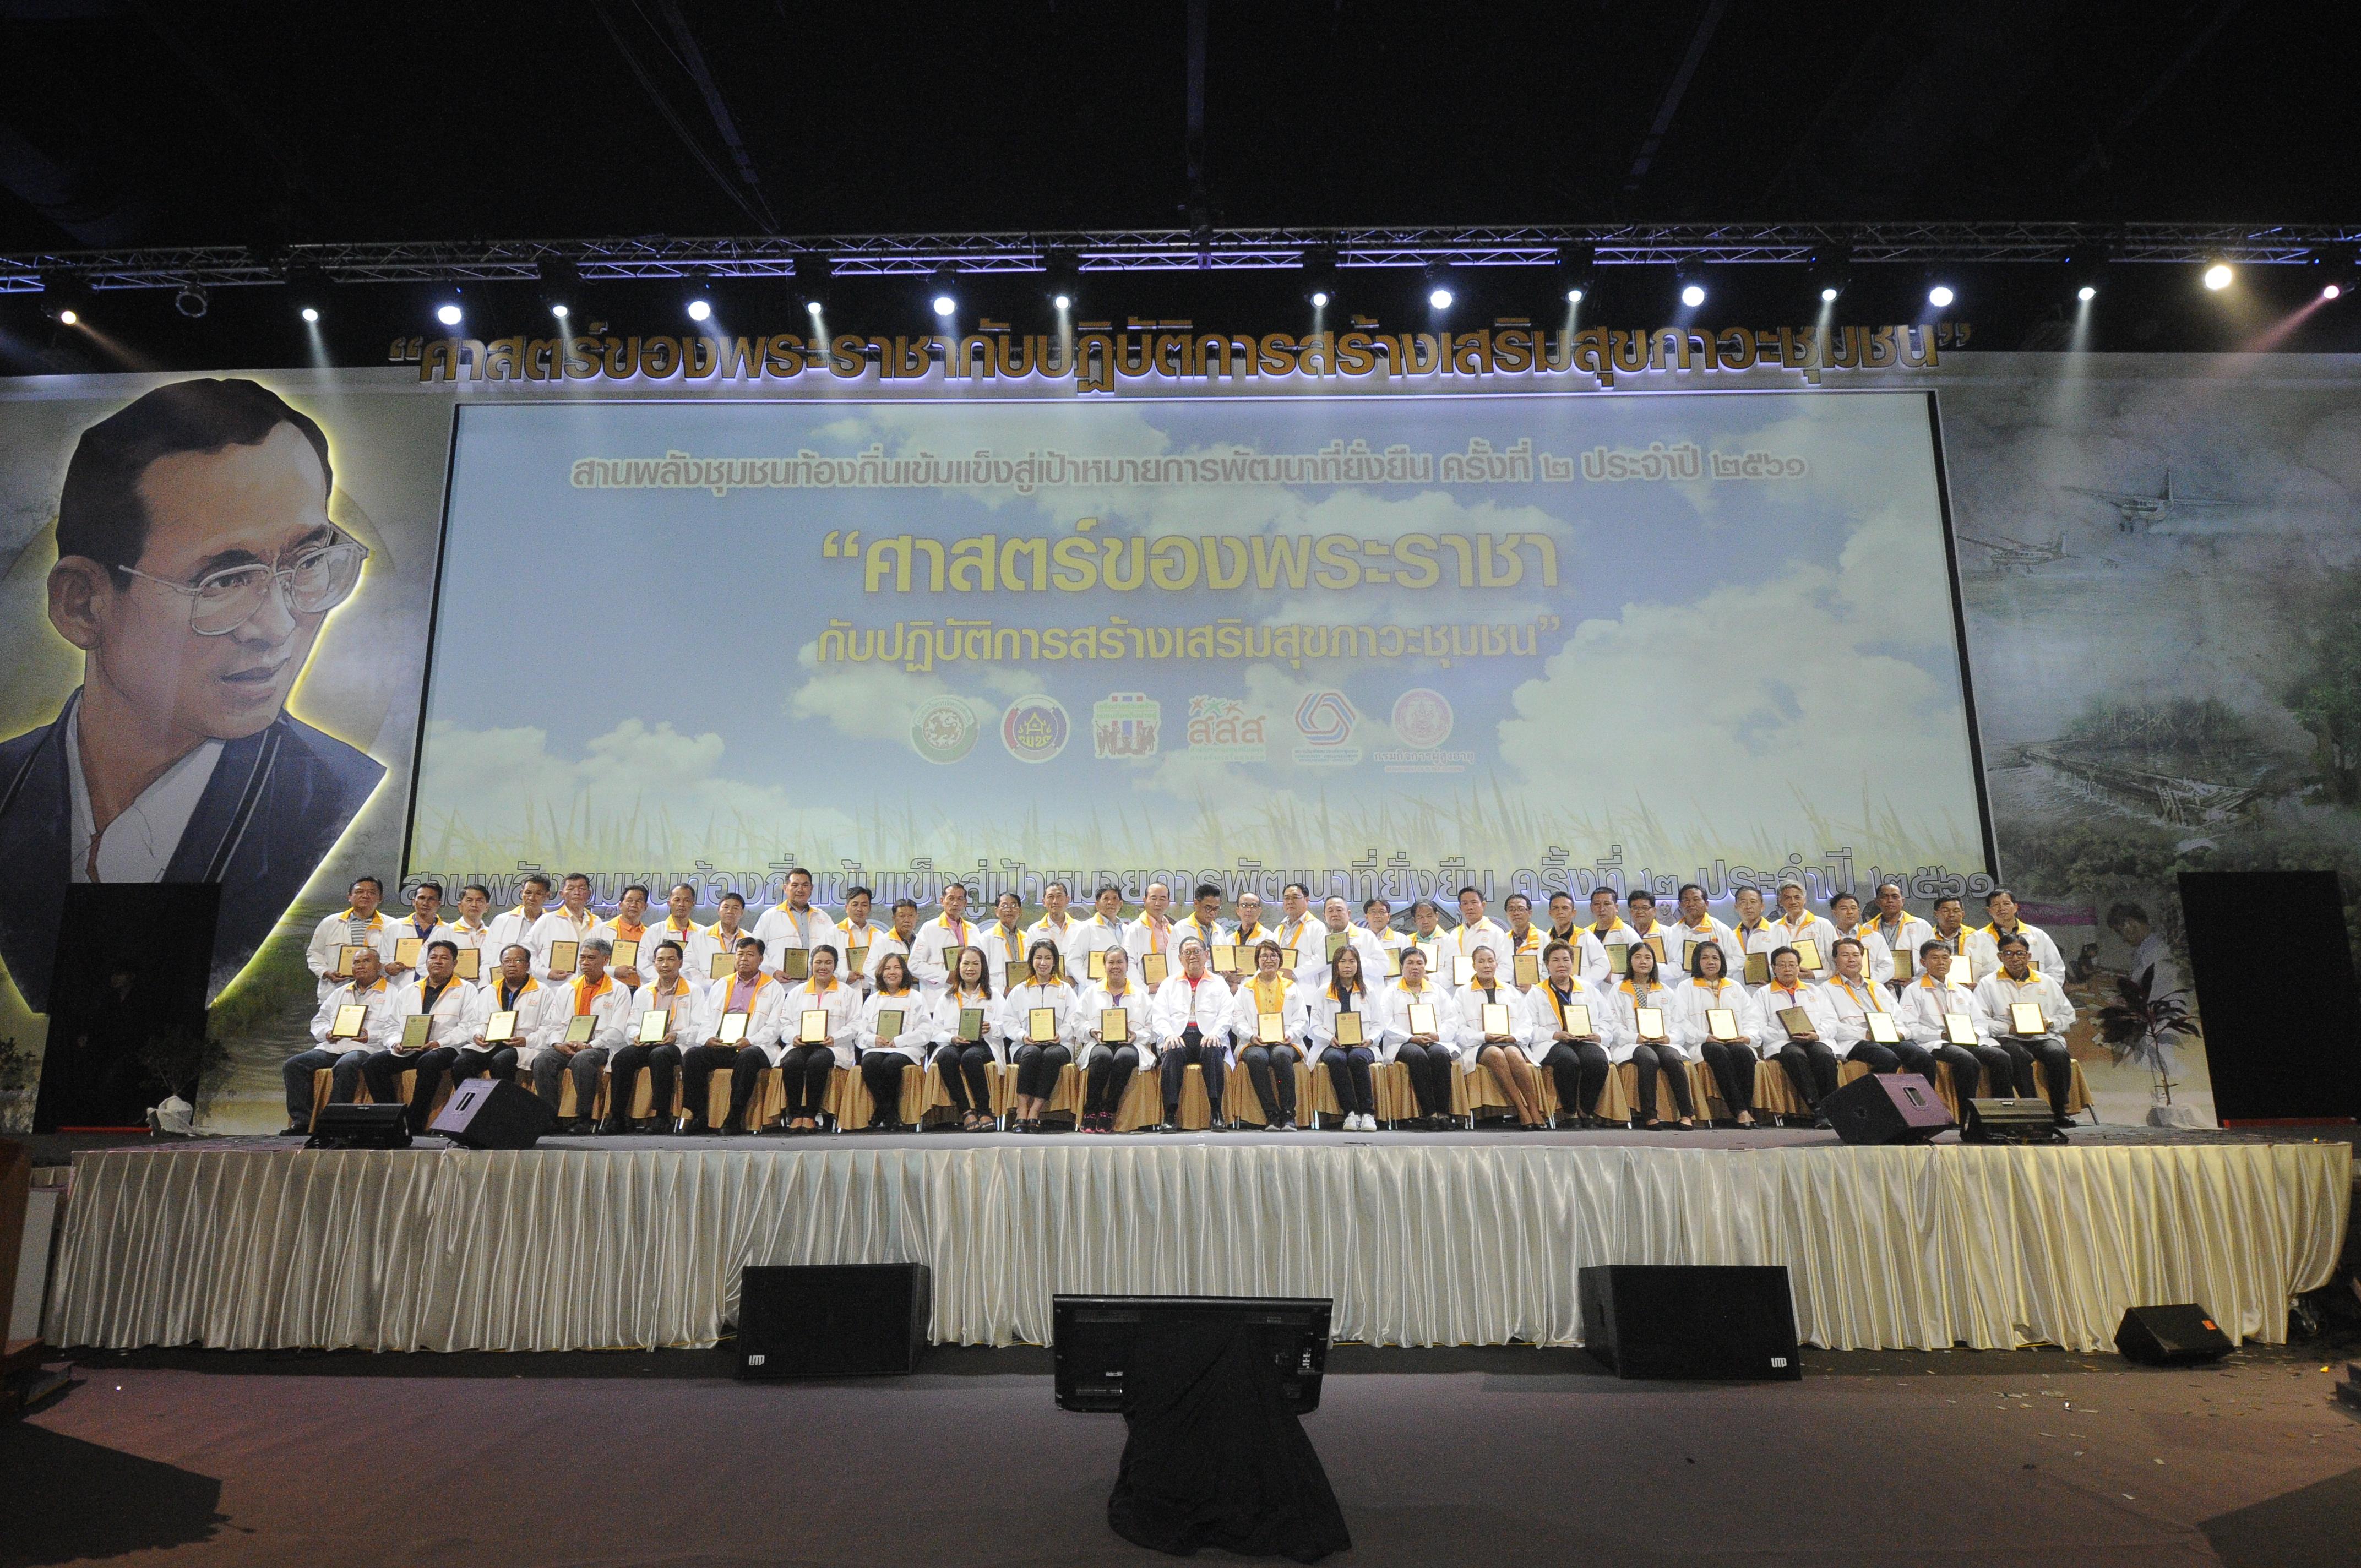 องค์กรปกครองส่วนท้องถิ่น  ๕๖ แห่ง รับโล่เกียรติยศ